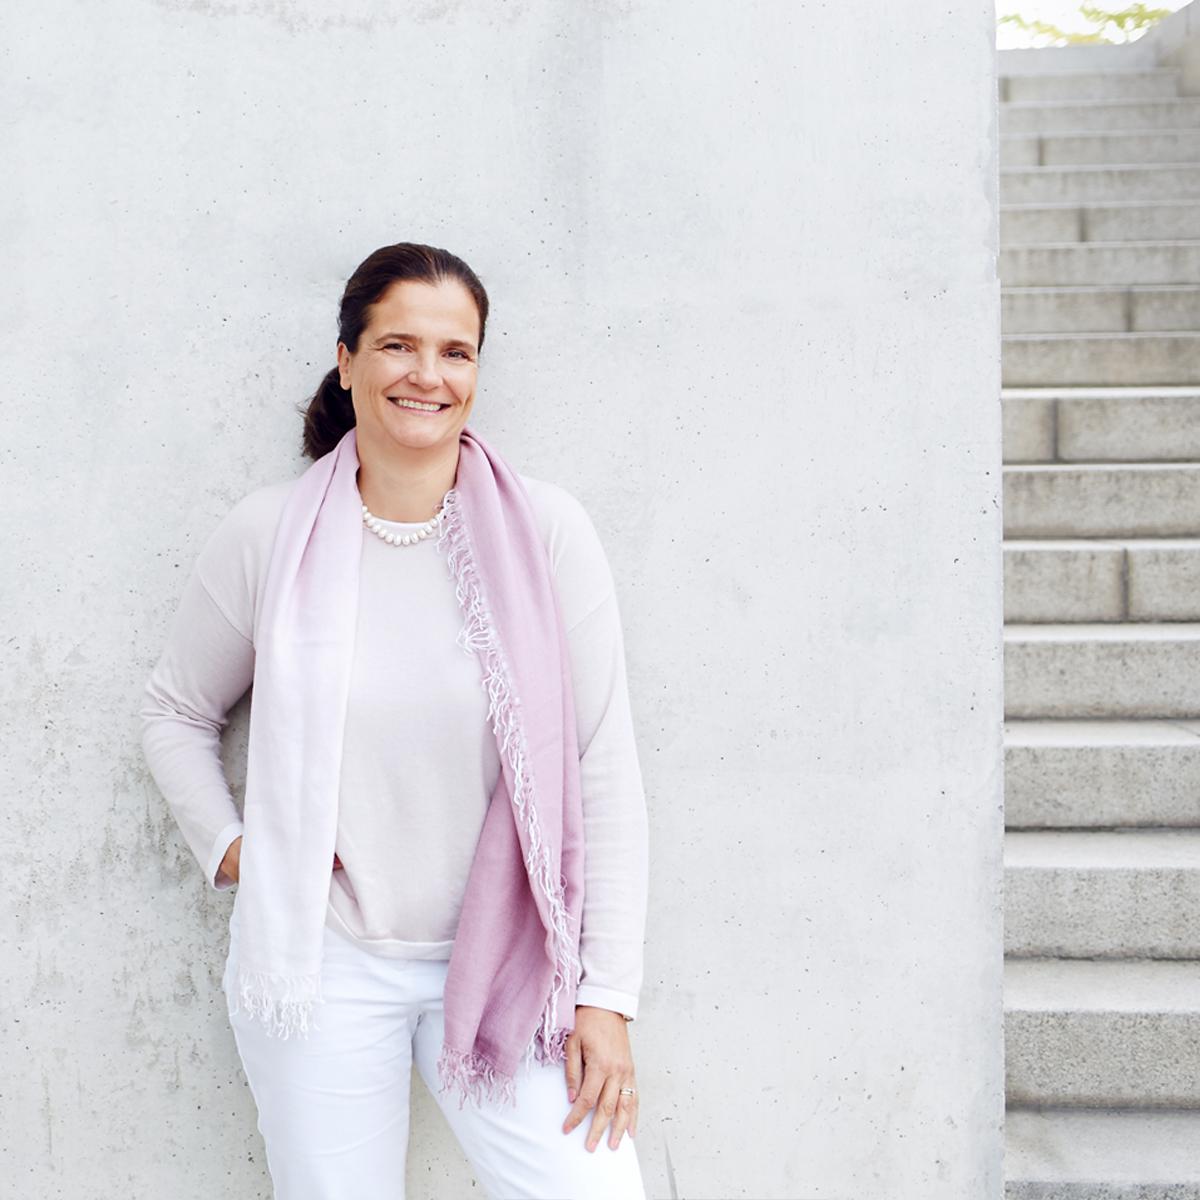 Dr. Annette Brandes © Ella Fogg